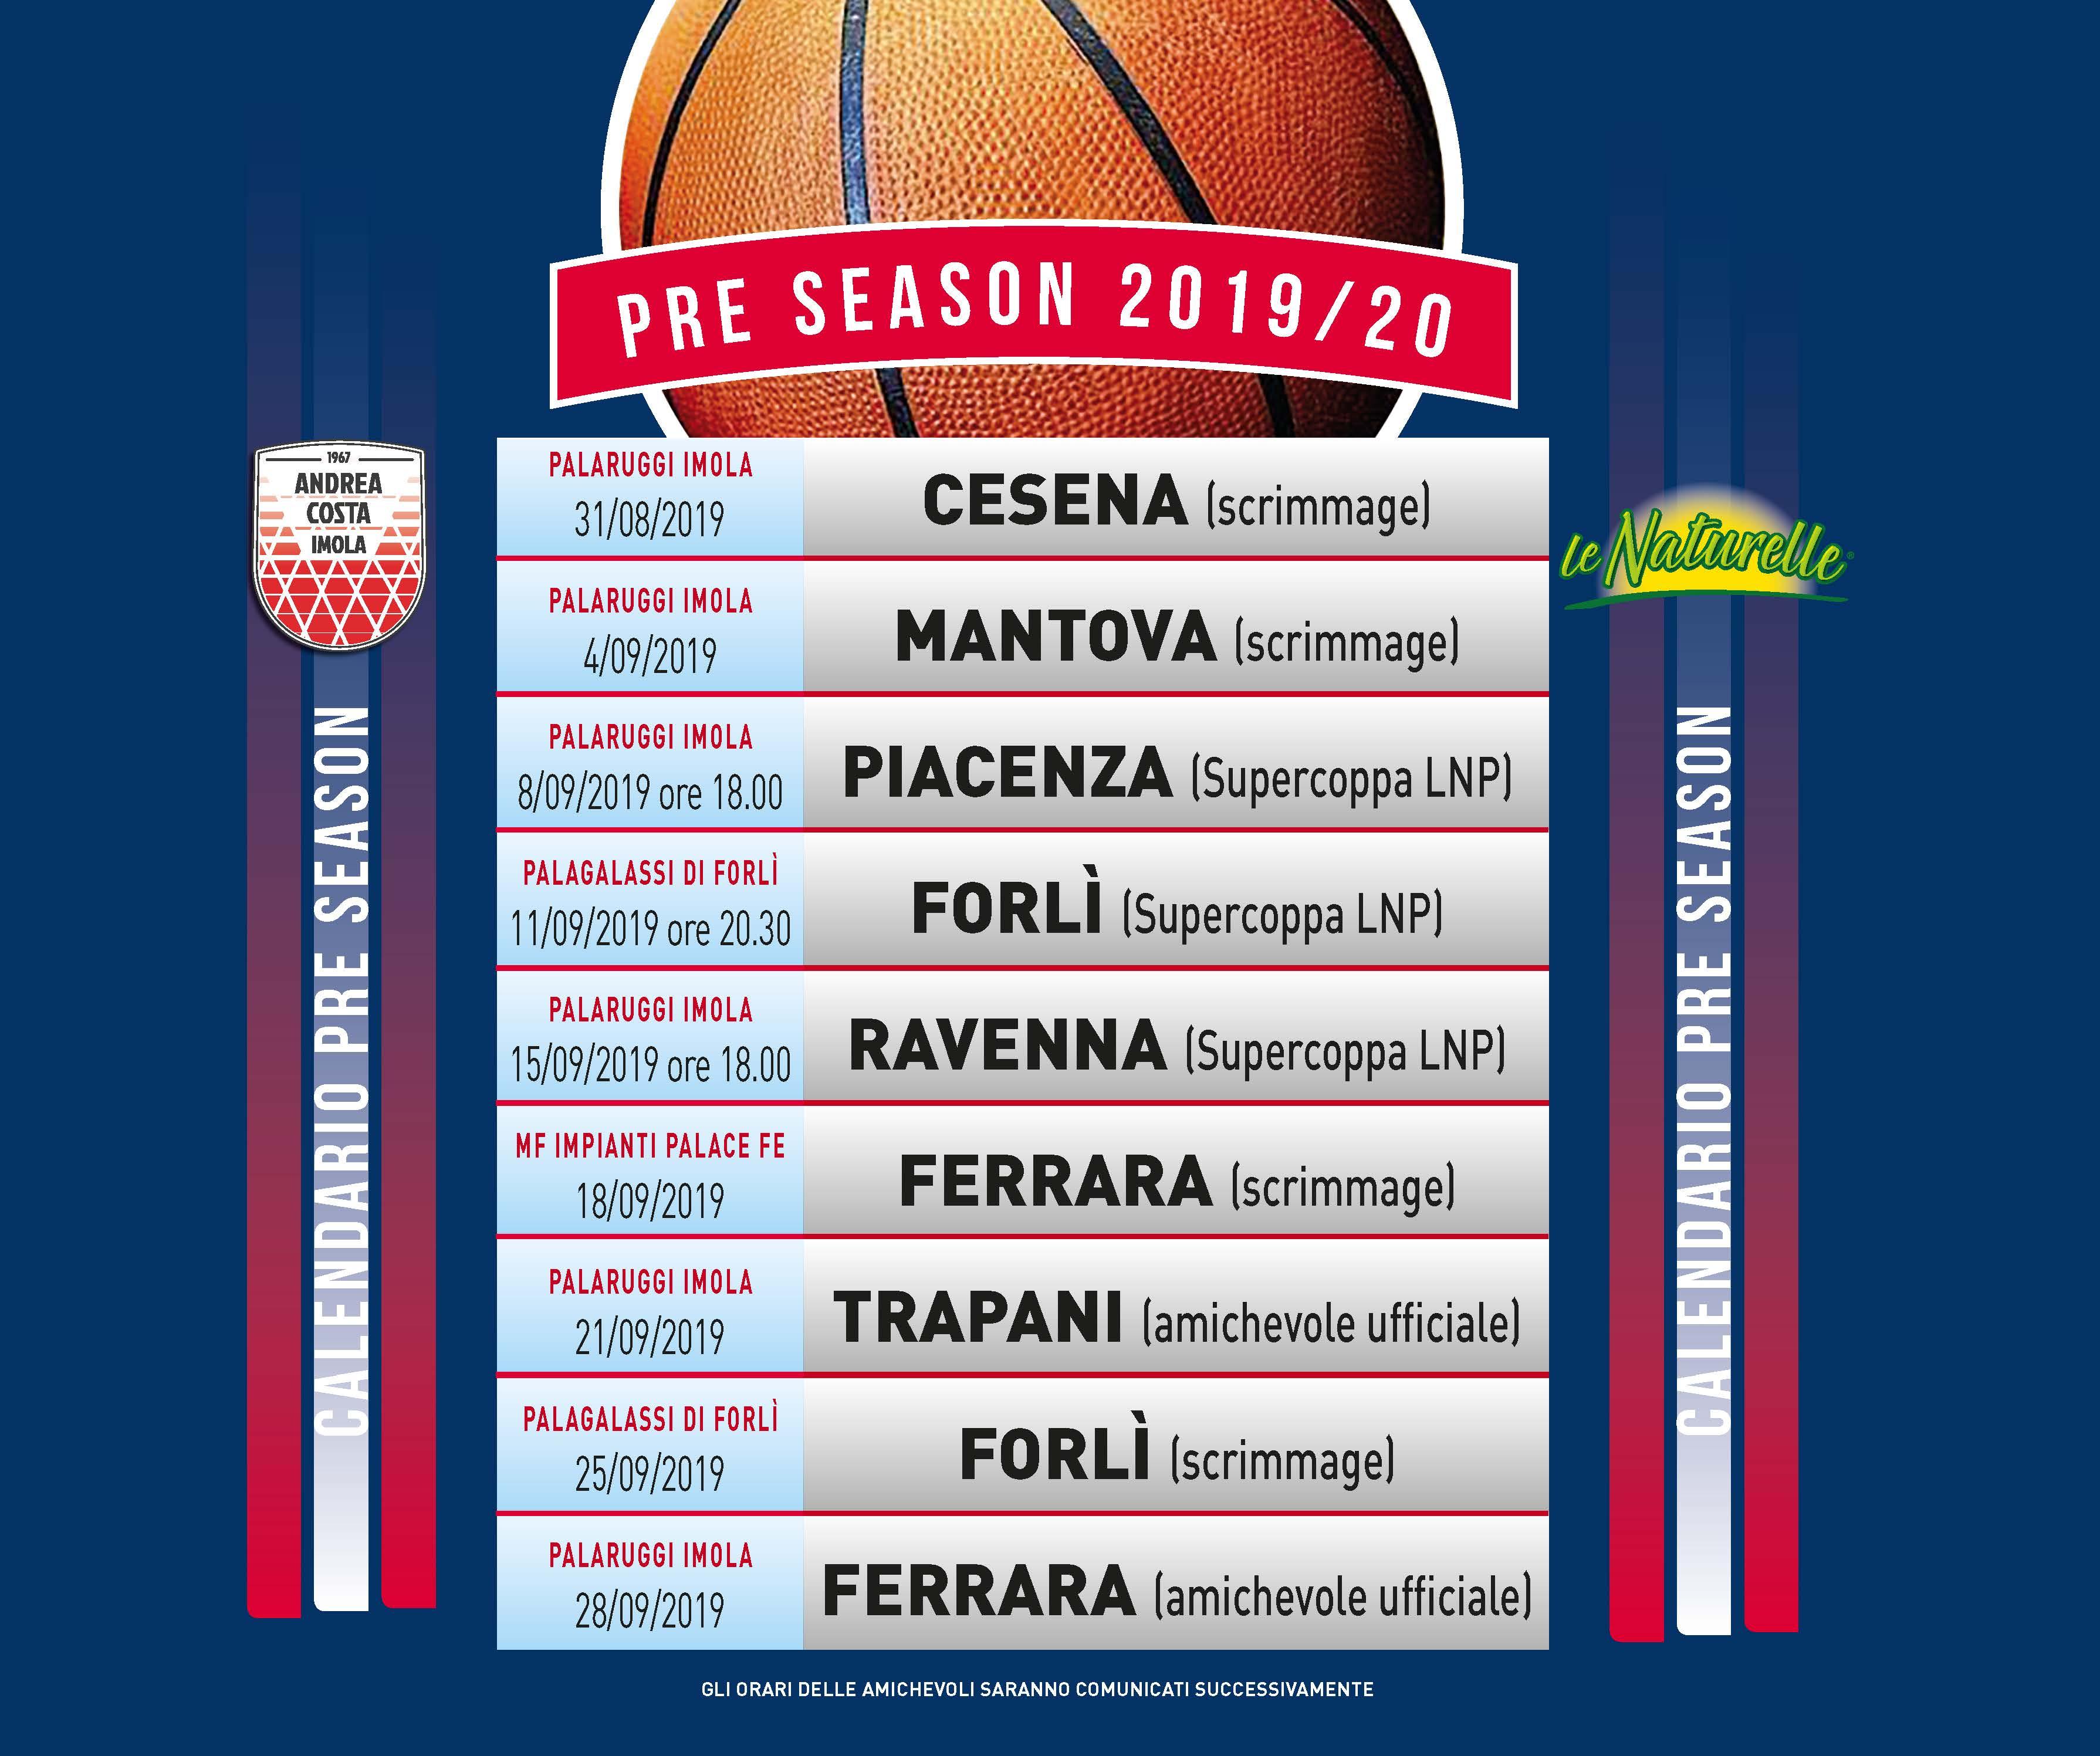 Calendario Basket A2 Ovest.Il Calendario Del Precampionato Di Imola